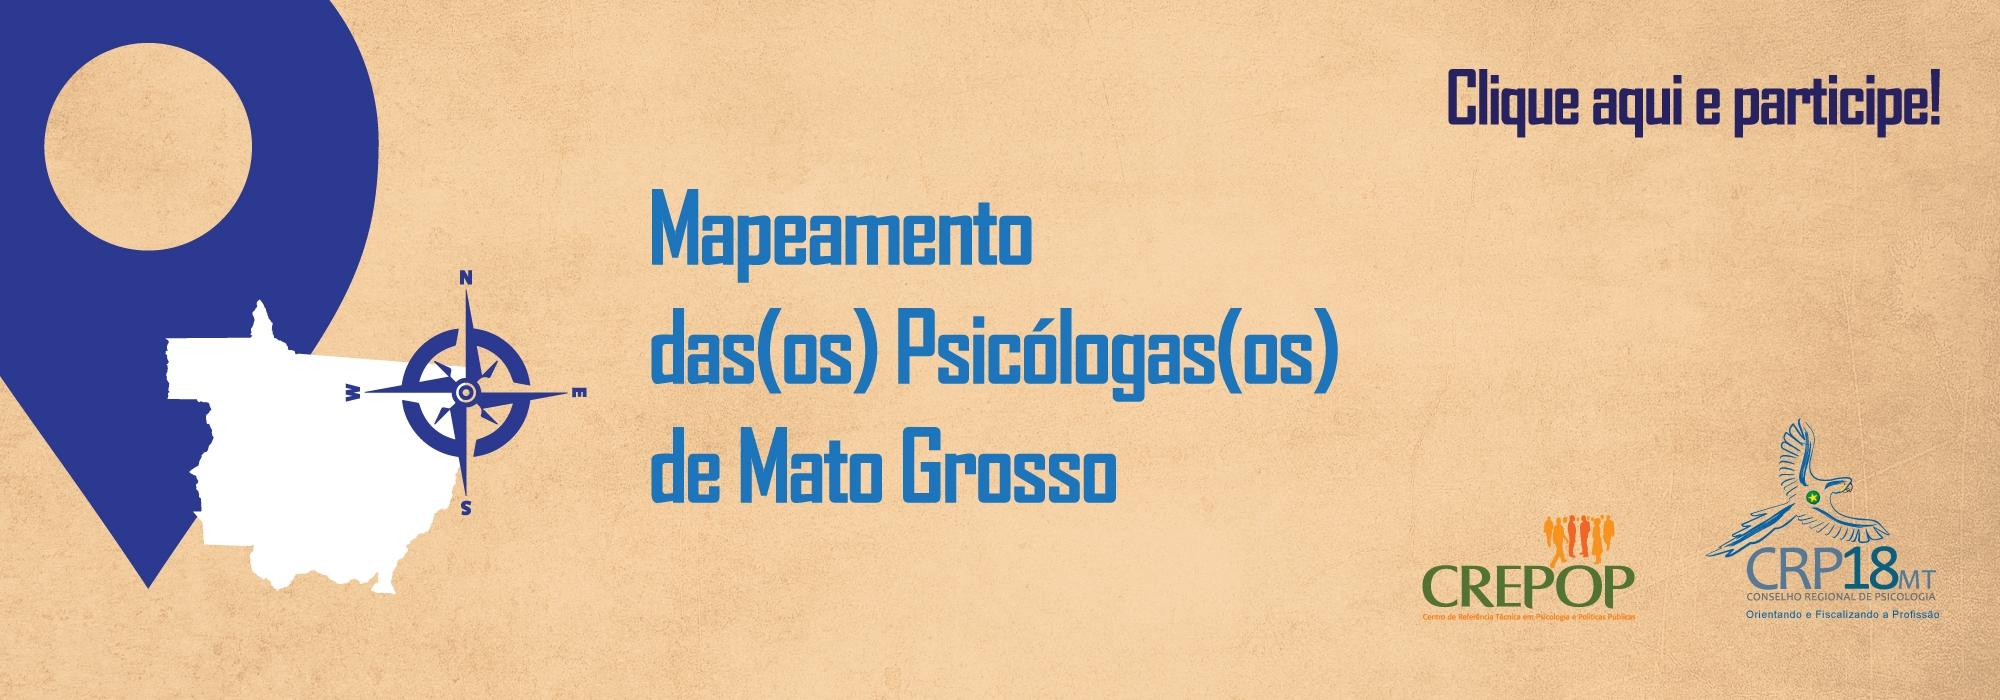 Mapeamento das(os) Psicólogas(os) de Mato Grosso